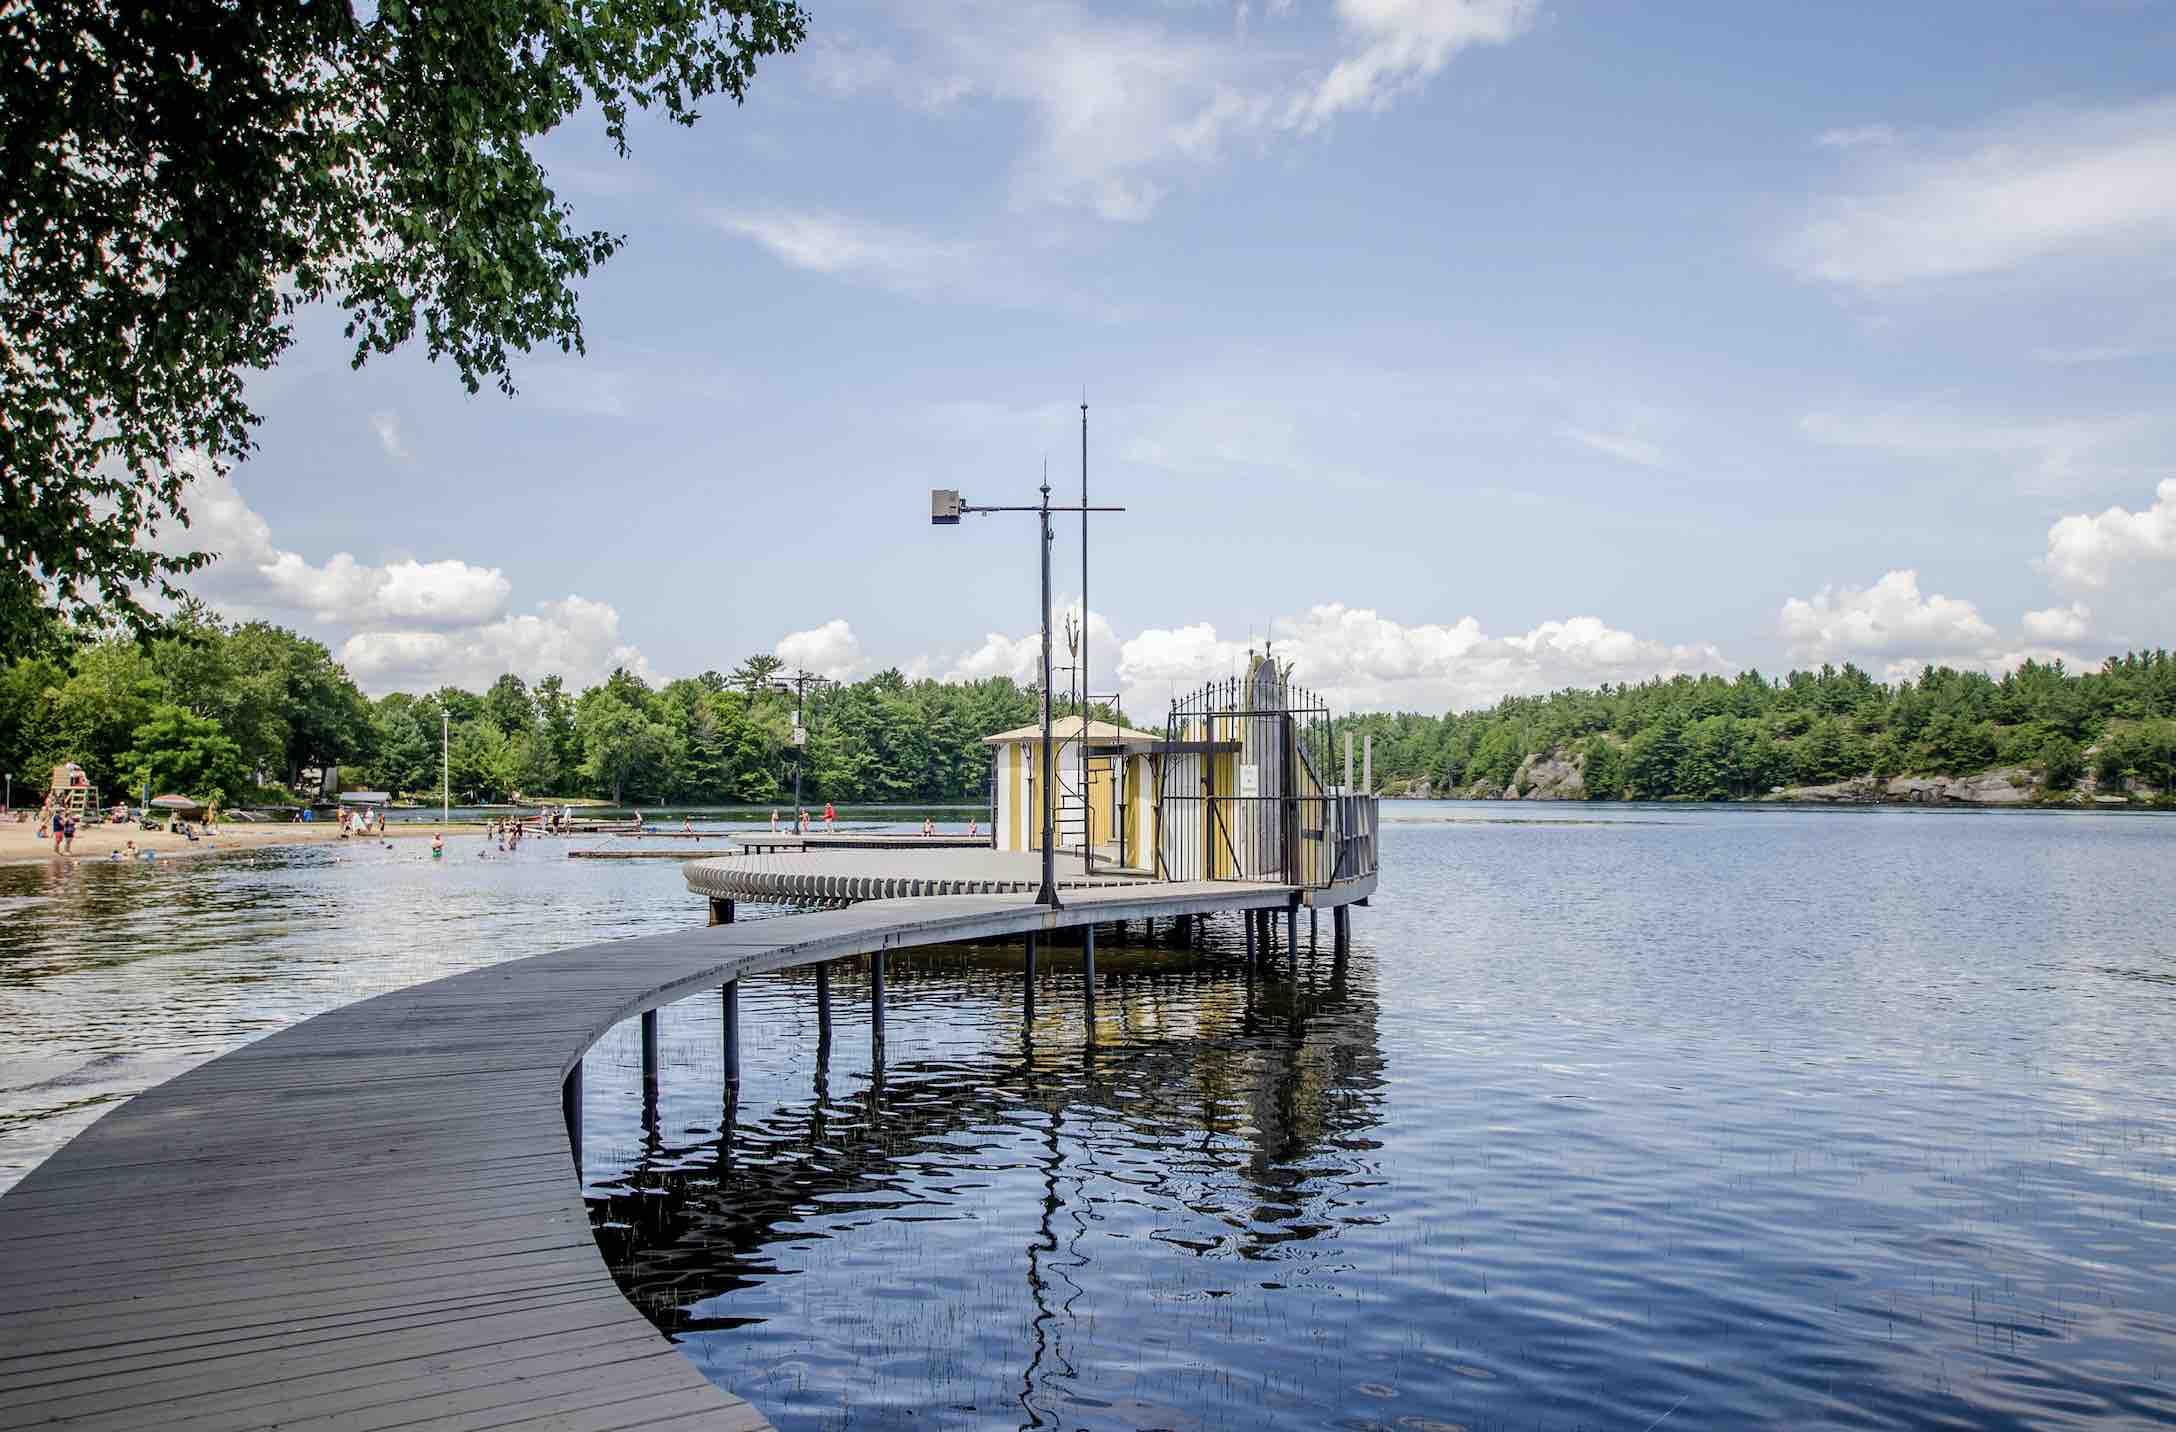 Gravehurst Music on the Barge - Shutterstock - Kriti C living in Gravenhurst Ontario